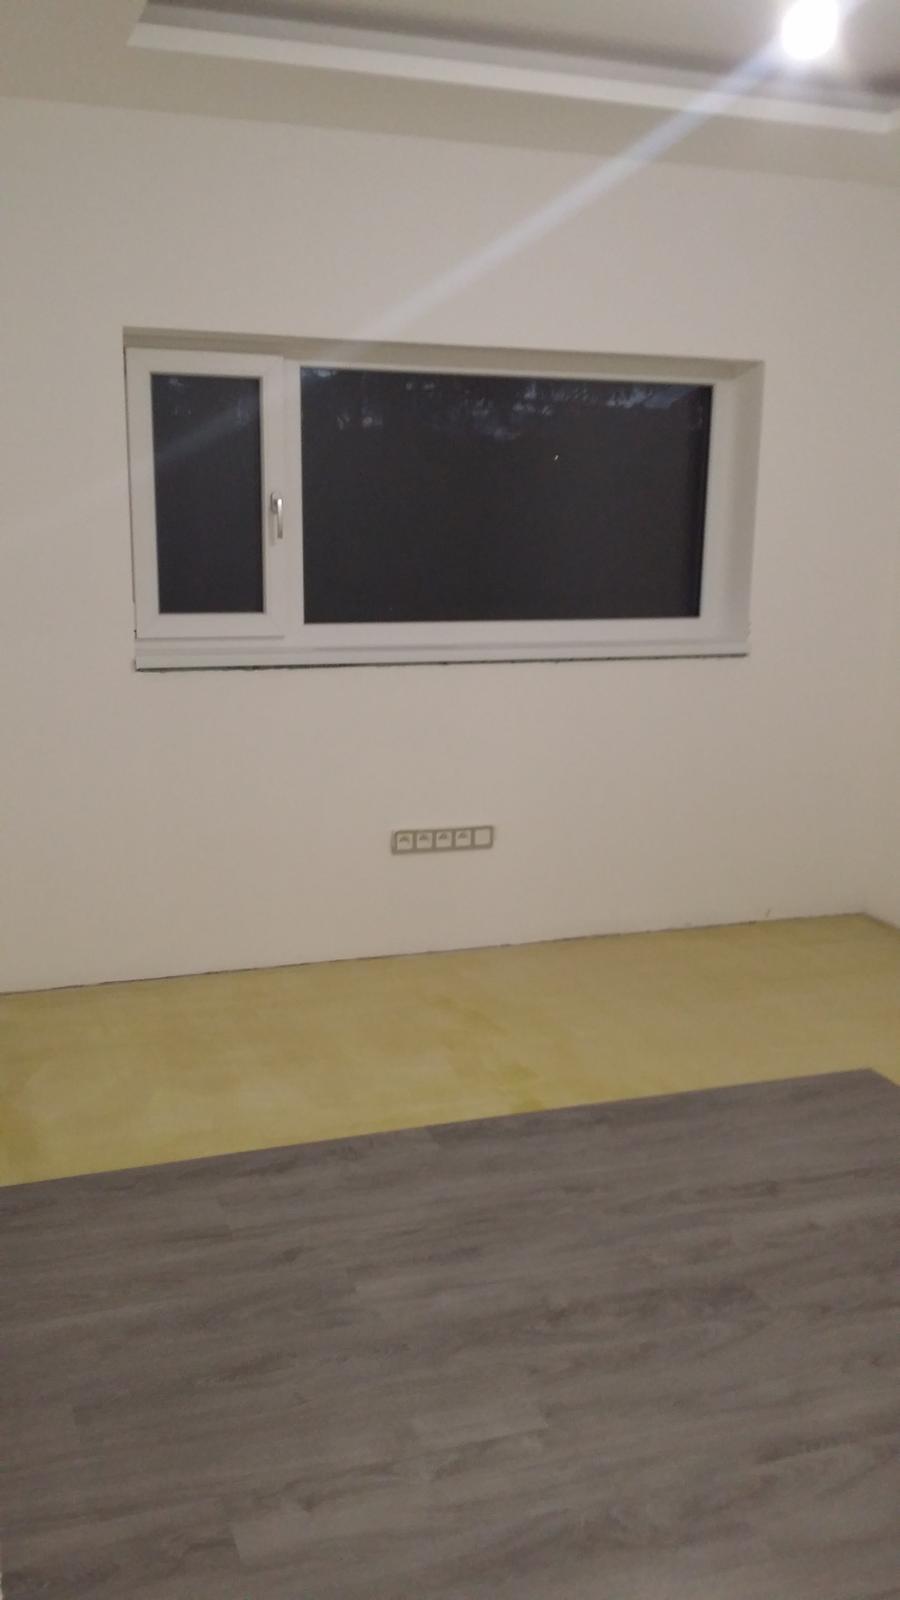 máme okno 217x96 (podivný... - Obrázek č. 1